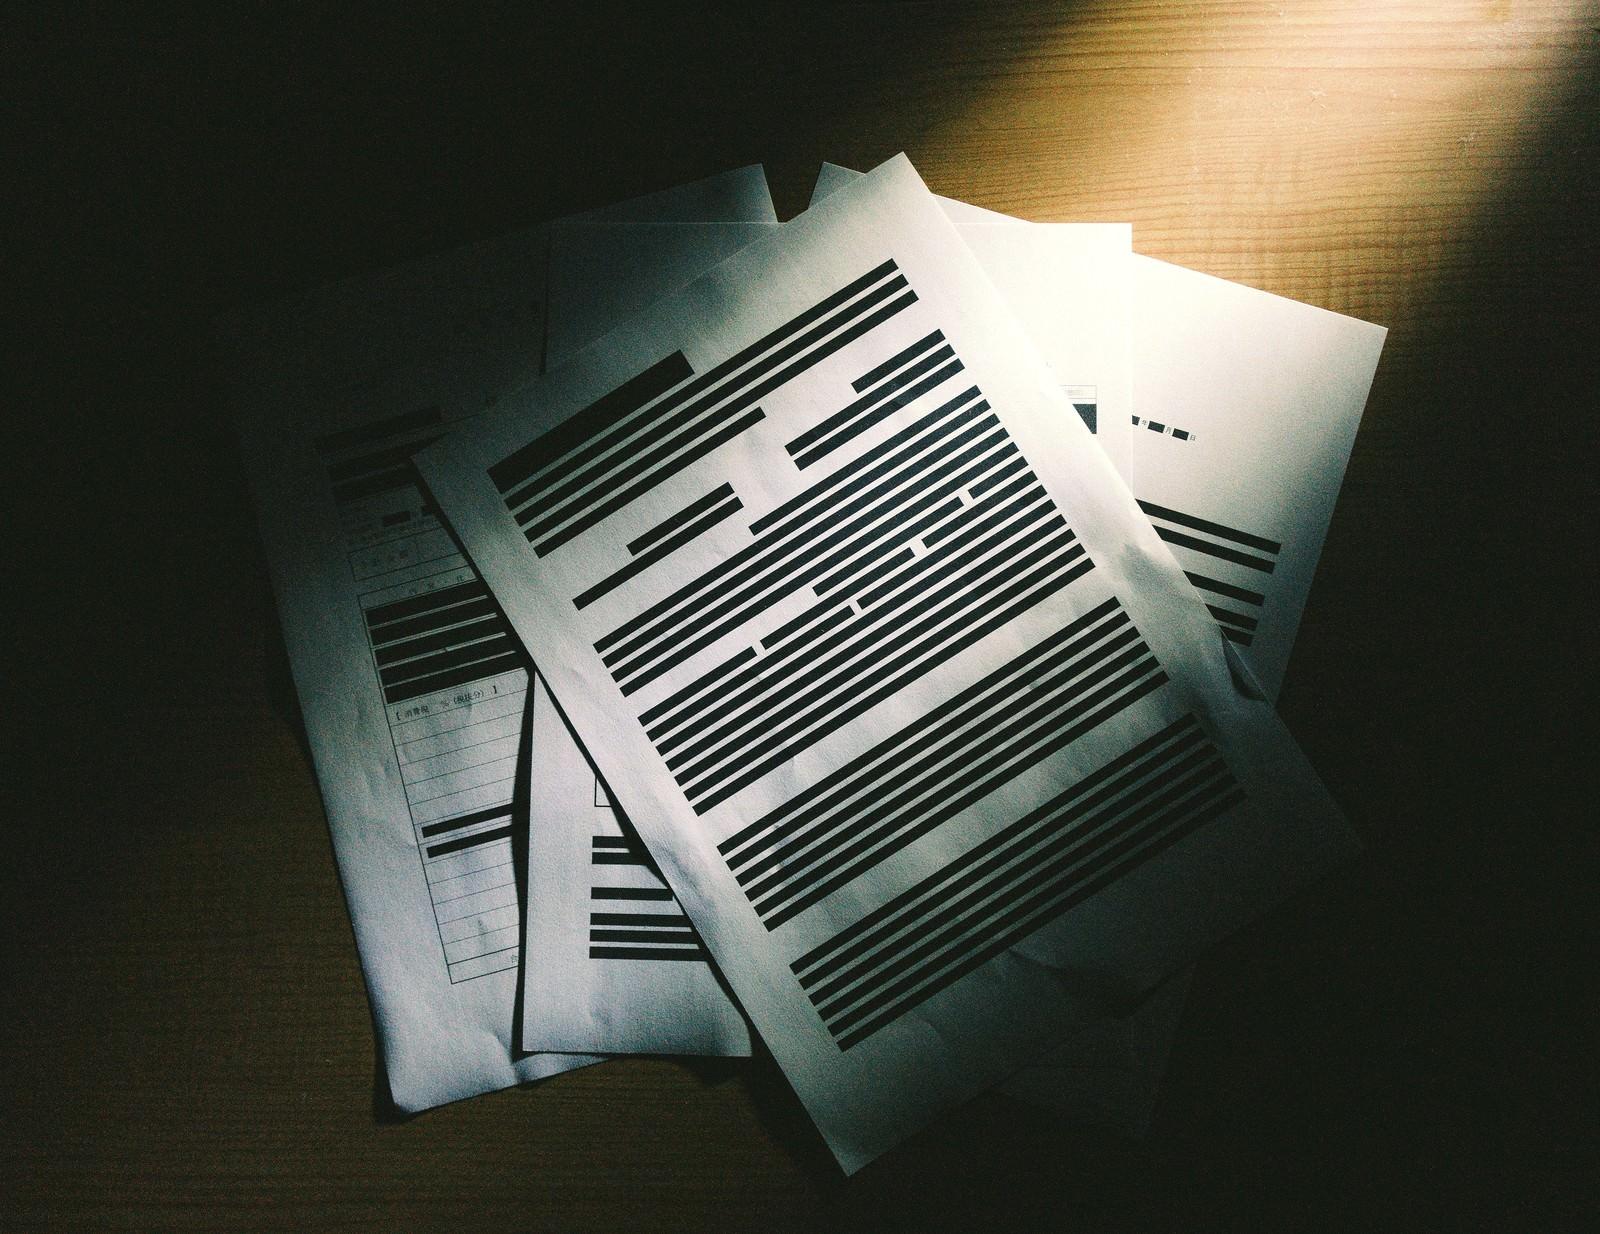 「黒く塗りつぶされた書類」の写真